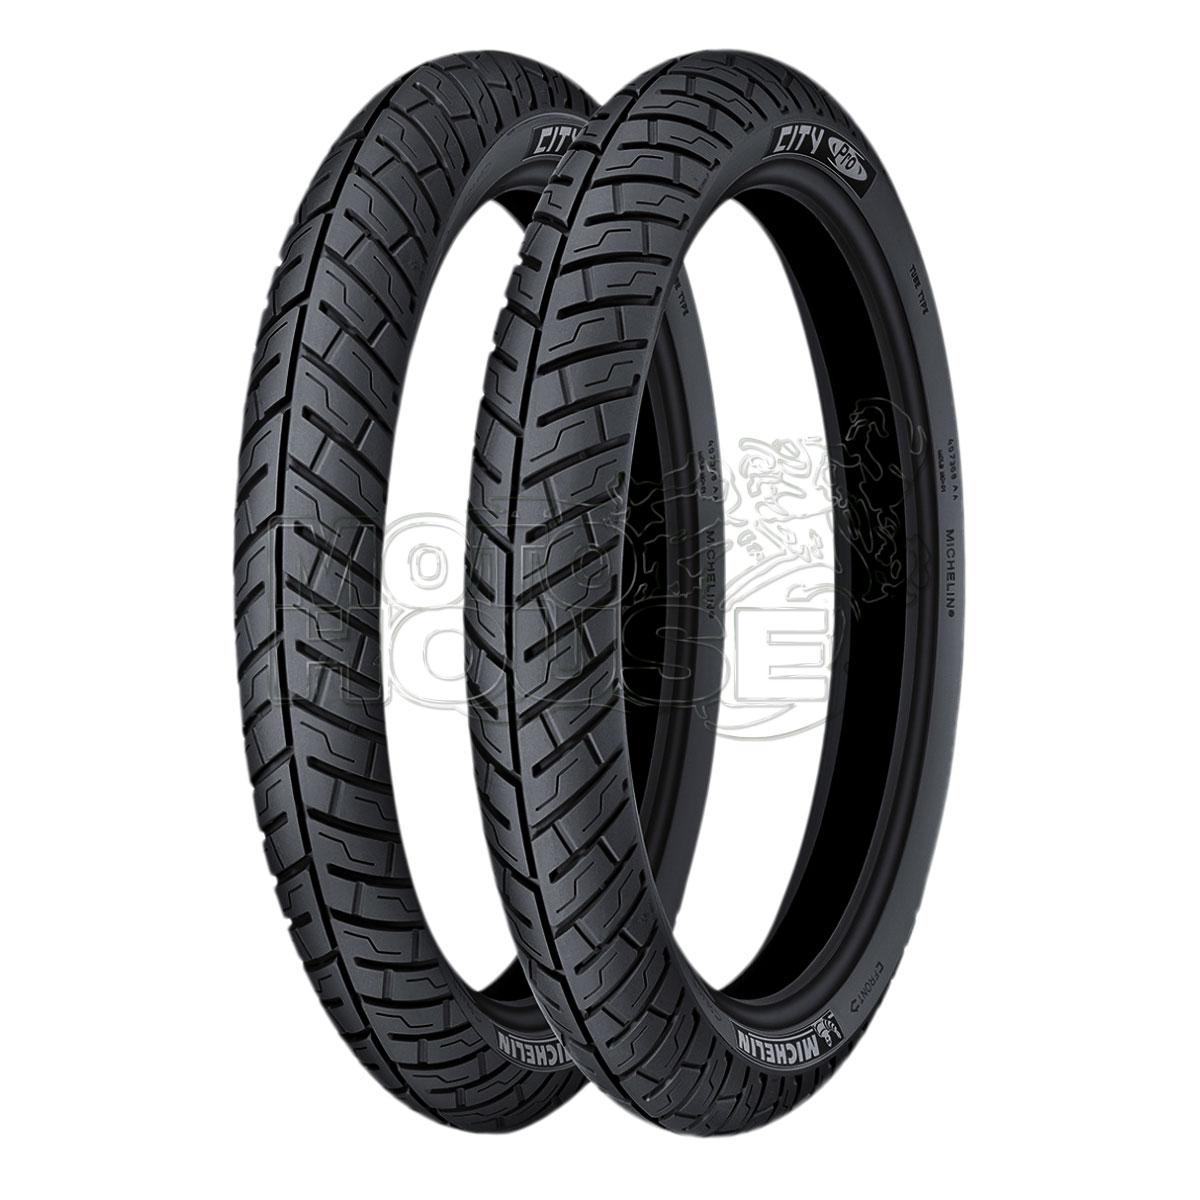 Llanta Para Moto Michelin City Pro 100/90-18 Usa Cámara